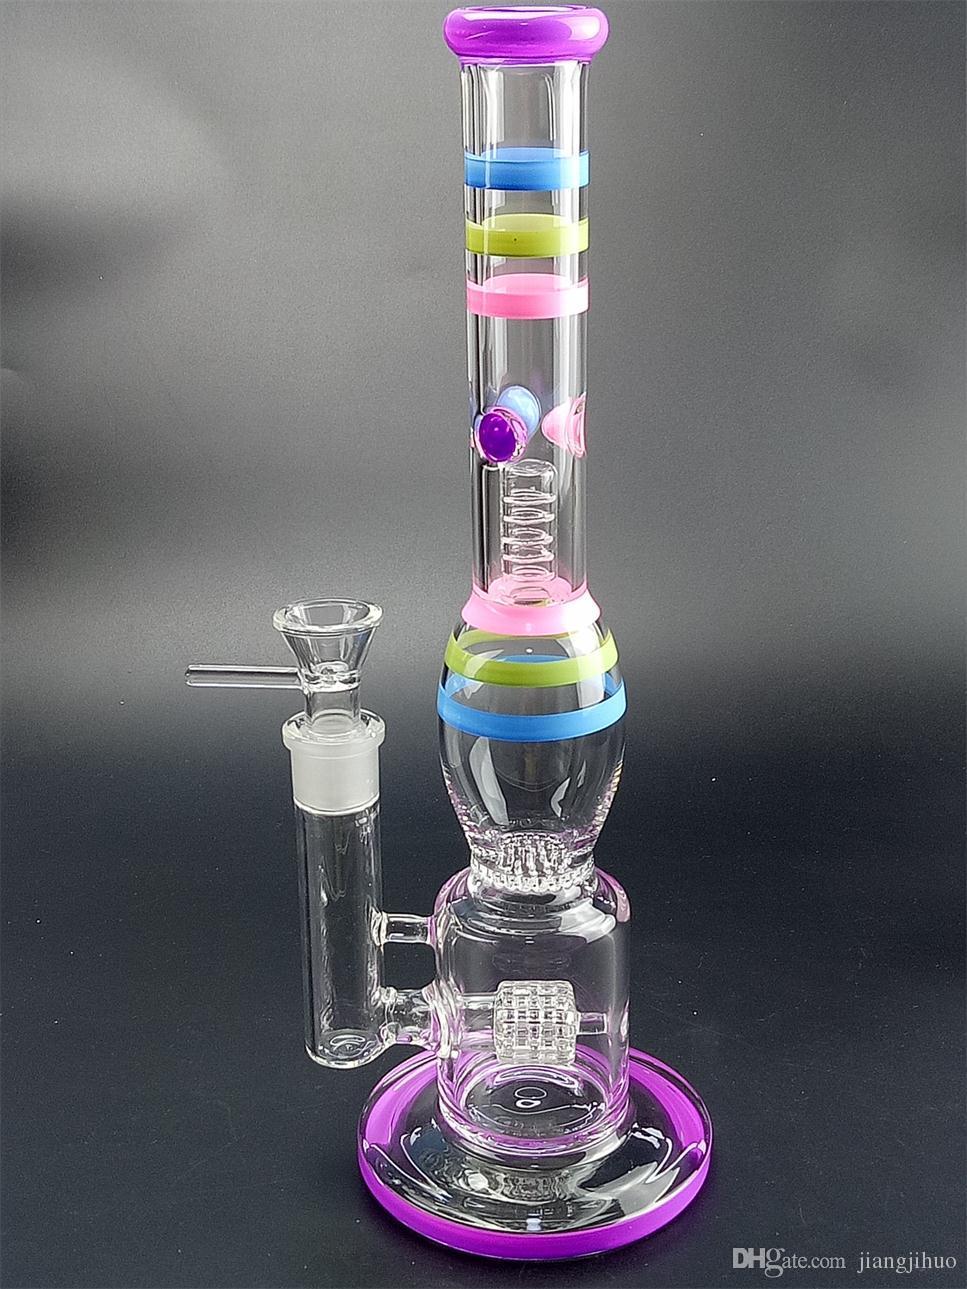 Em estoque 14 polegadas de vidro Bong Water Pipe com 3 camadas de percolador 18,8 mm fêmea conjunta Bongs Oil Rig